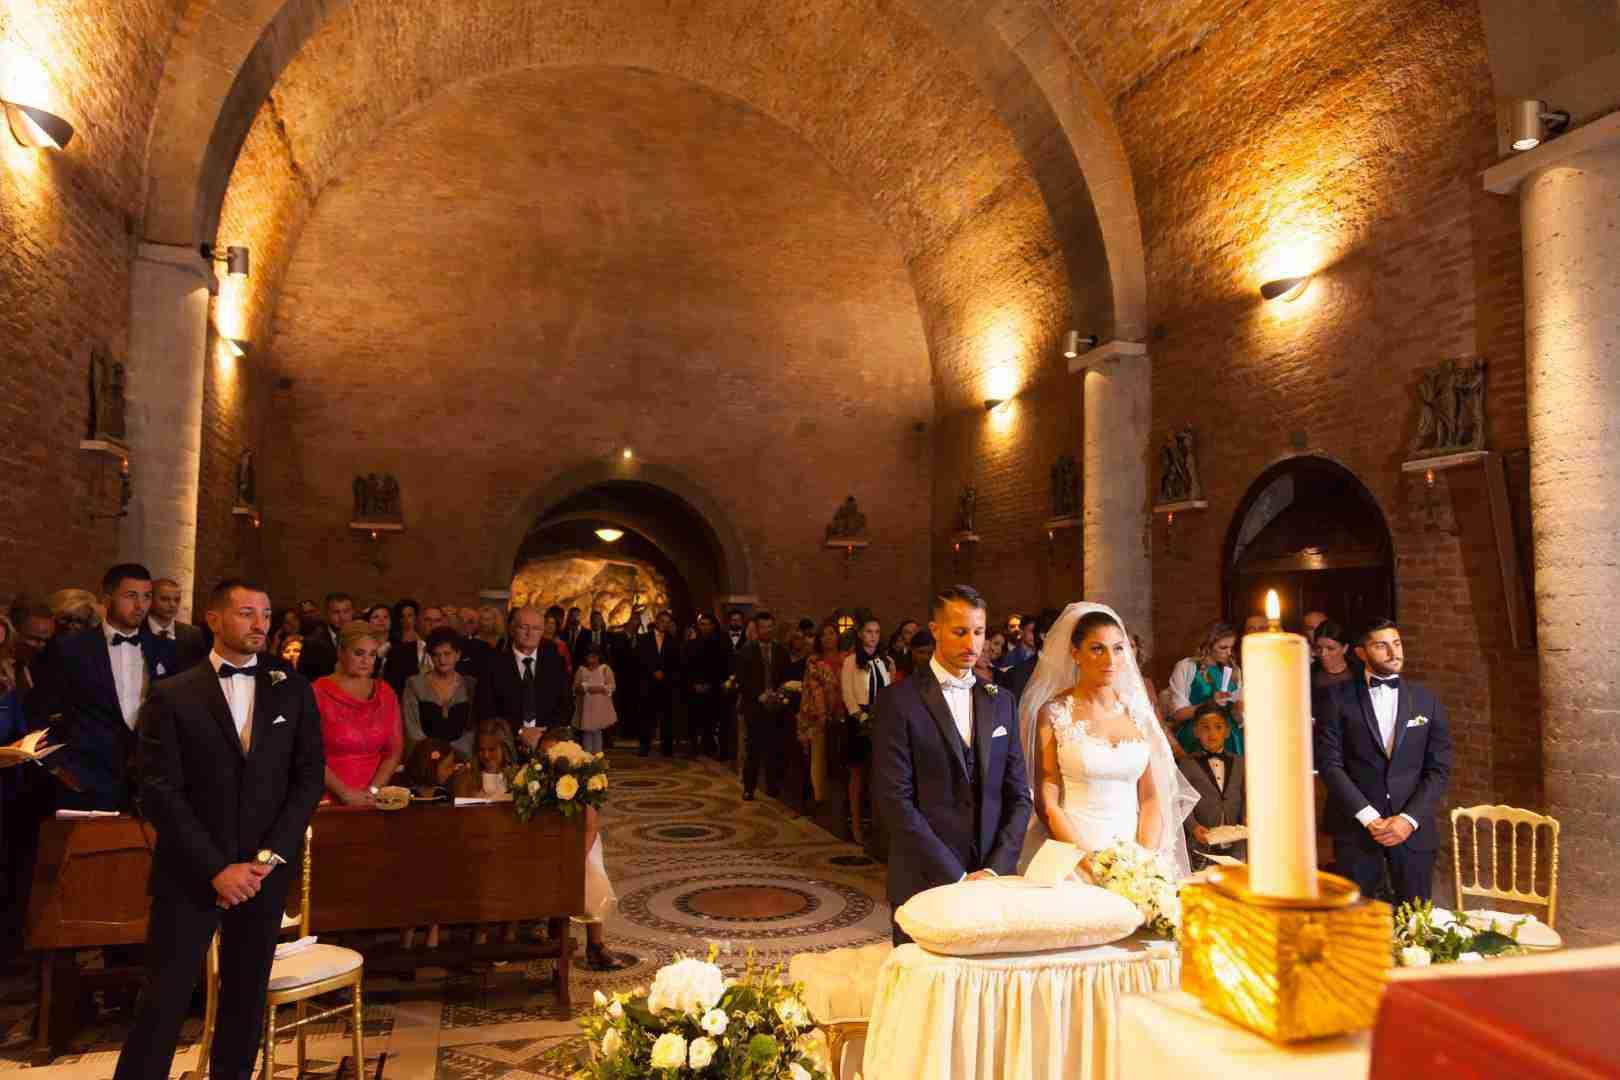 Santuario Divino Amore - Studio Fotografico Colizzi Roma